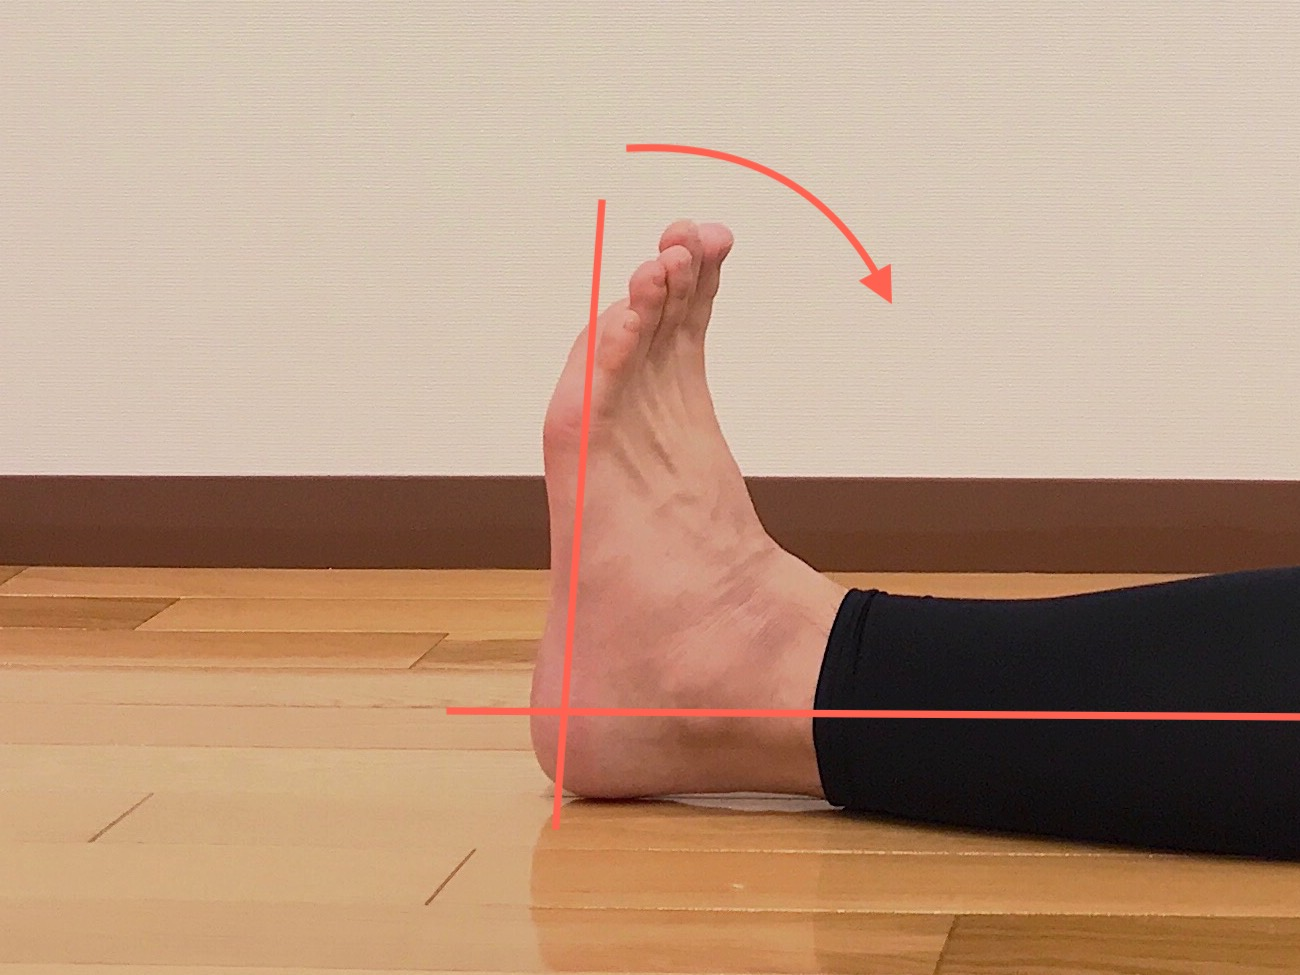 足関節を曲げる動作(背屈)が硬い場合